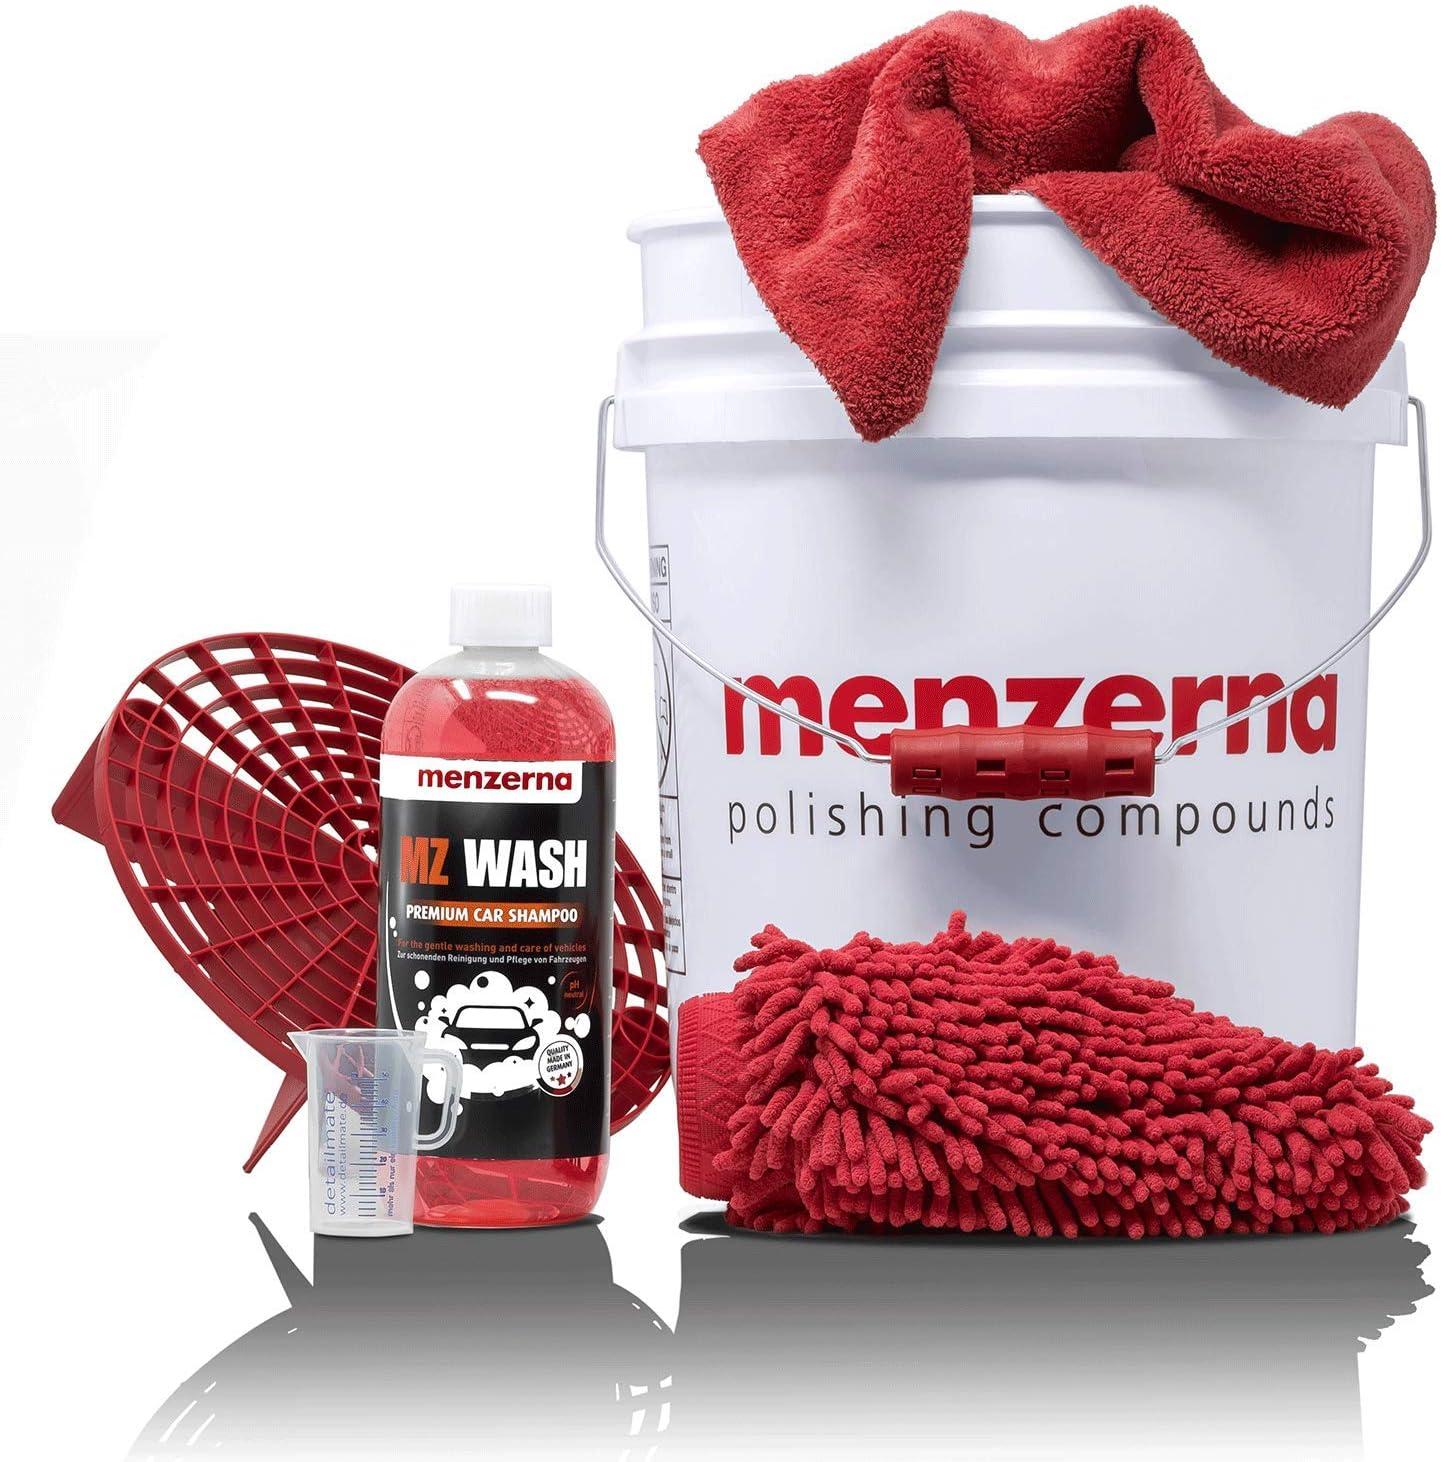 Detailmate Menzerna Autowasch Set Gritguard Eimer 5 Gal Mit Grit Guard Einsatz Und Snappy Grip Mz Wash Autoshampoo 1l Waschhandschuh Mikrofaser Poliertuch Messbecher Auto